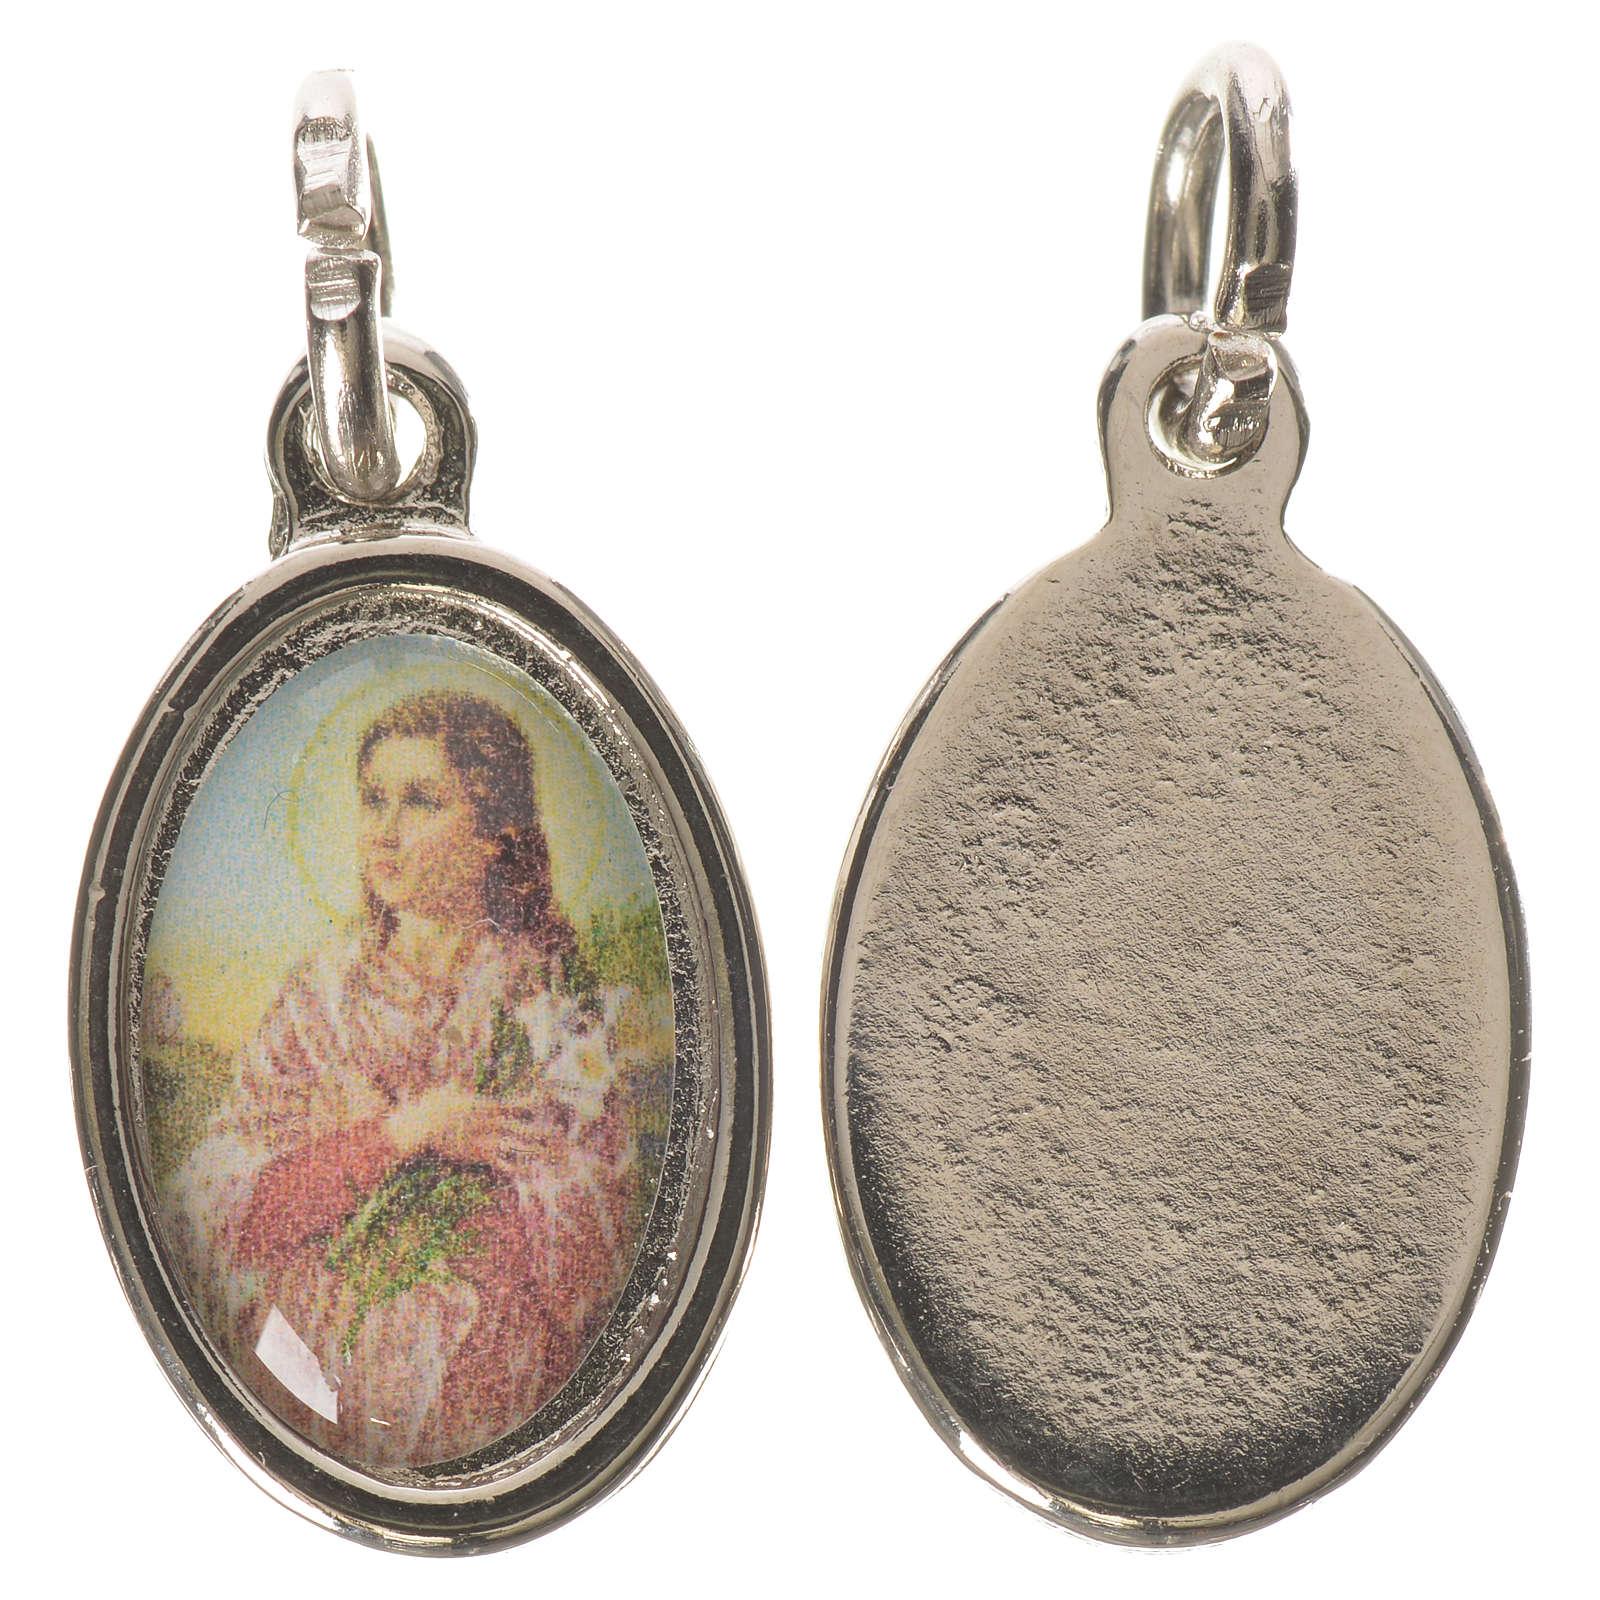 Saint Maria Goretti medal in silver metal, 1.5cm 4